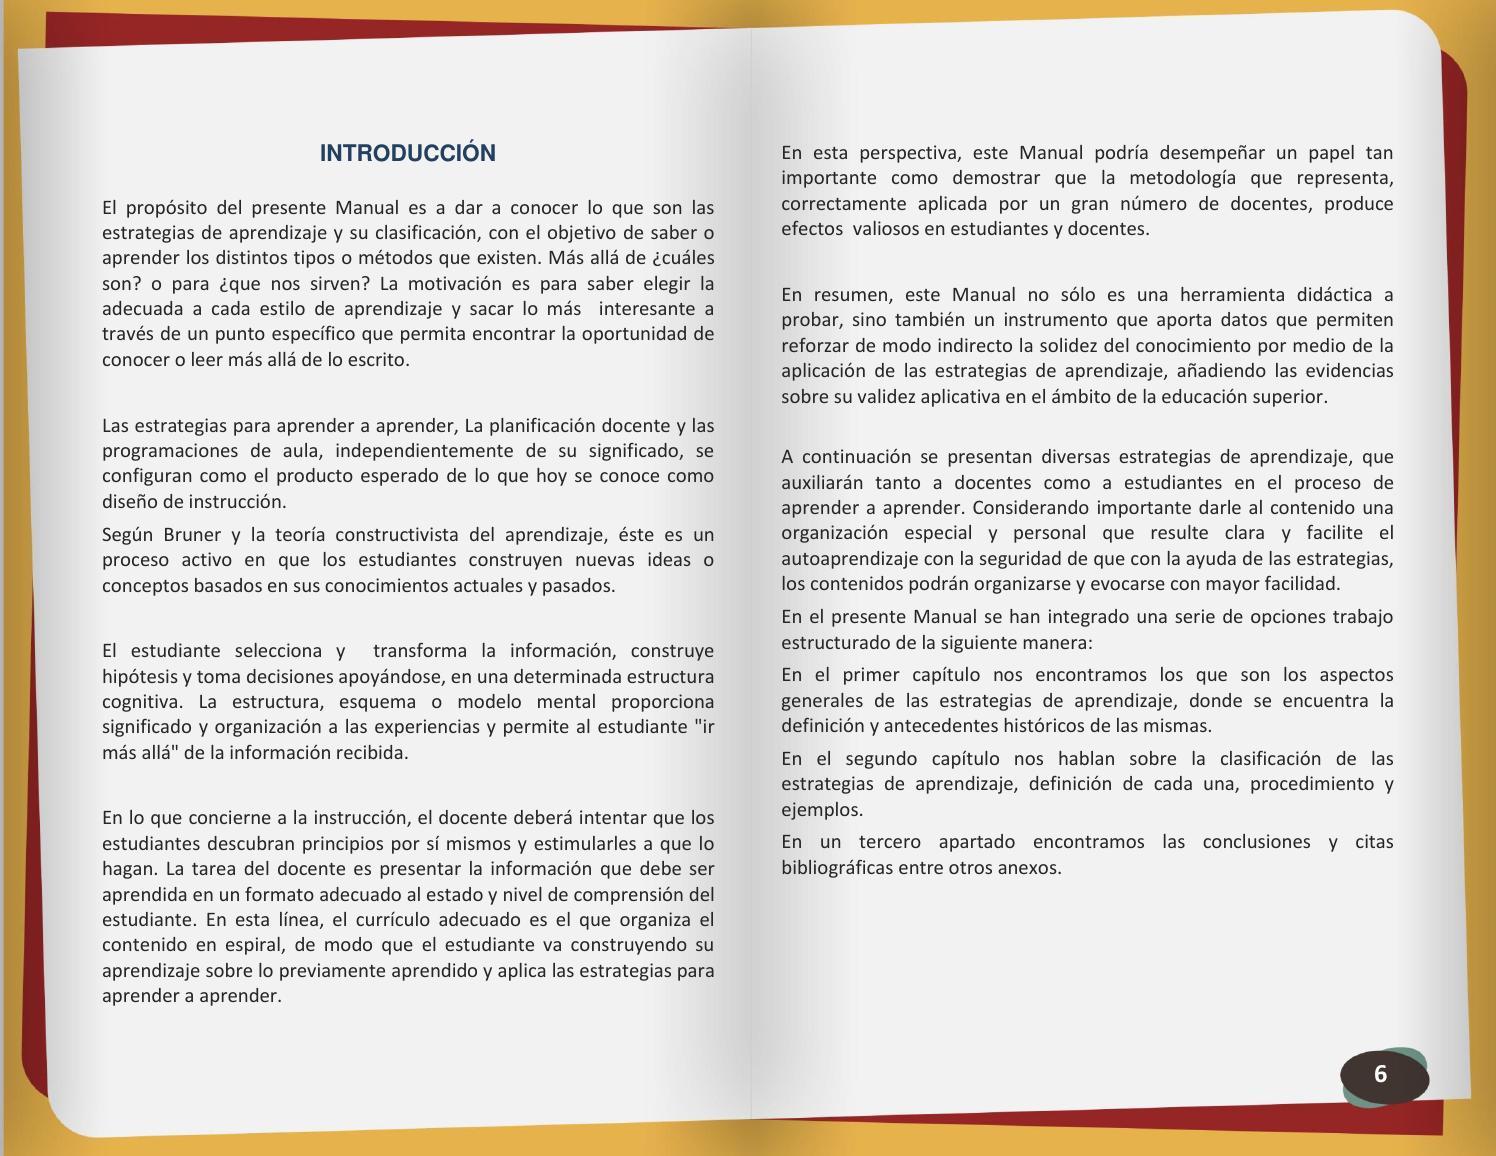 Manual de estrategias de aprendizaje by Samuel Gomez - issuu